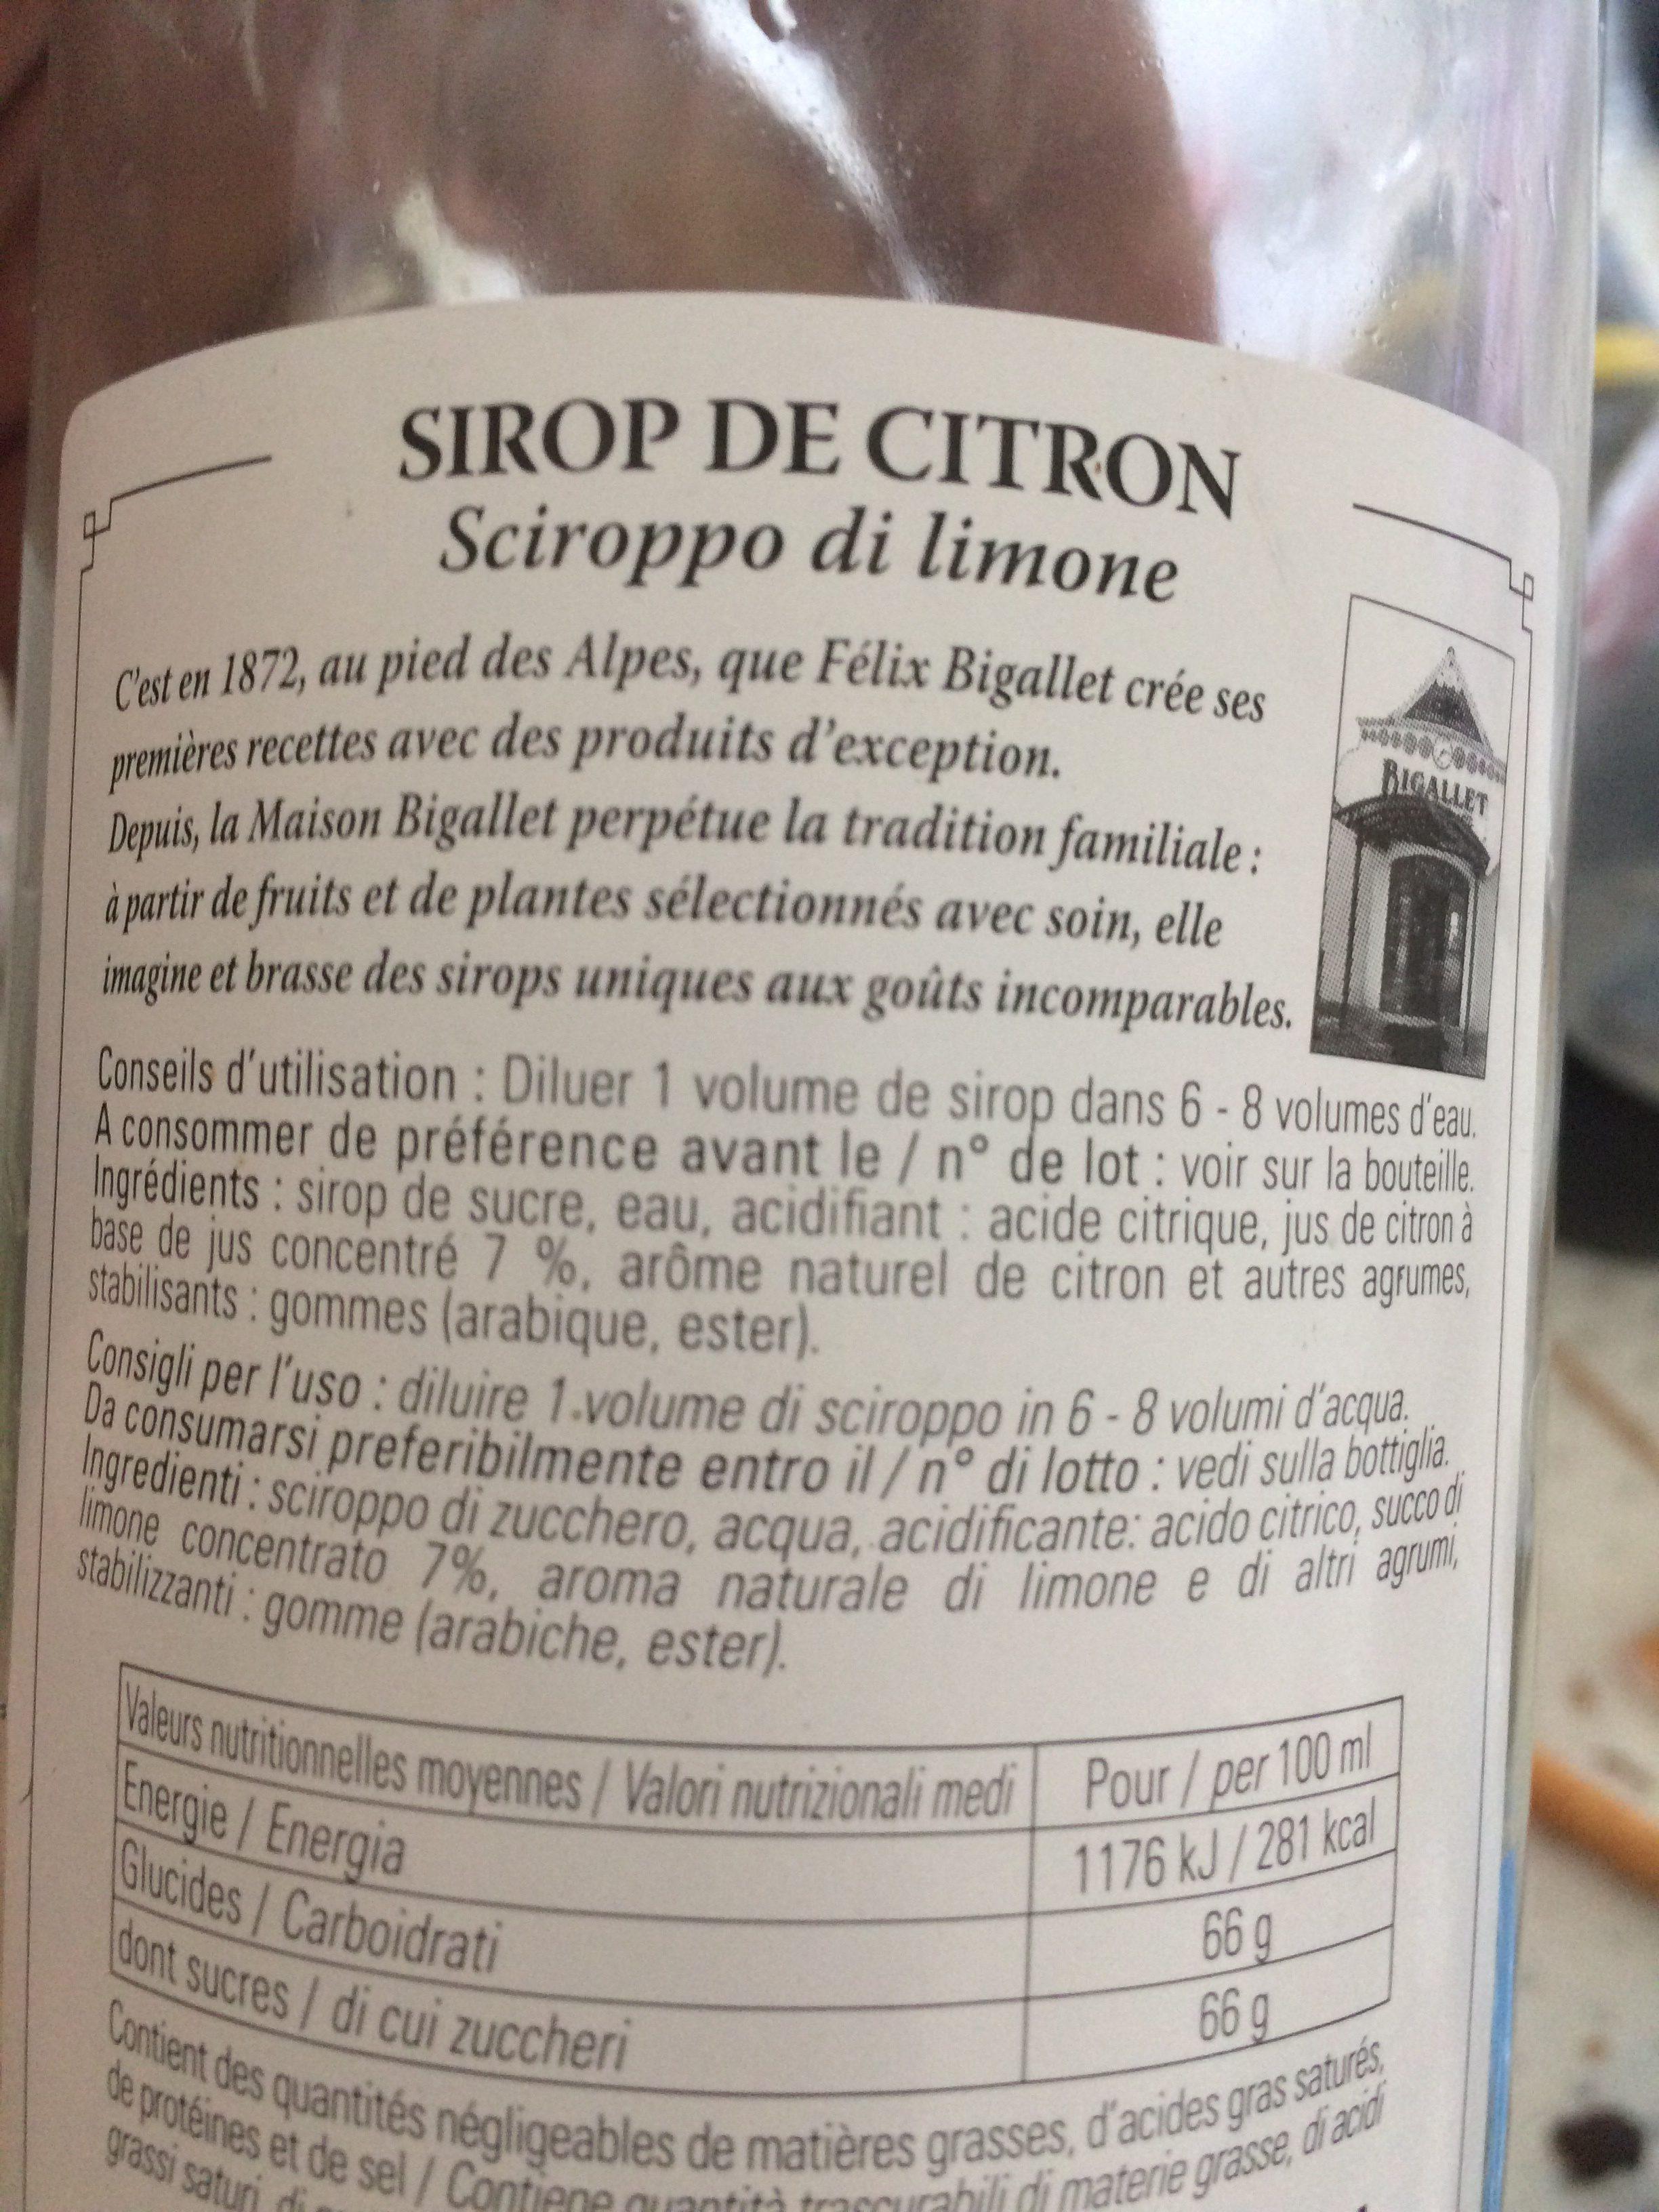 Sirop citron JINOT, 70cl - Ingredients - fr